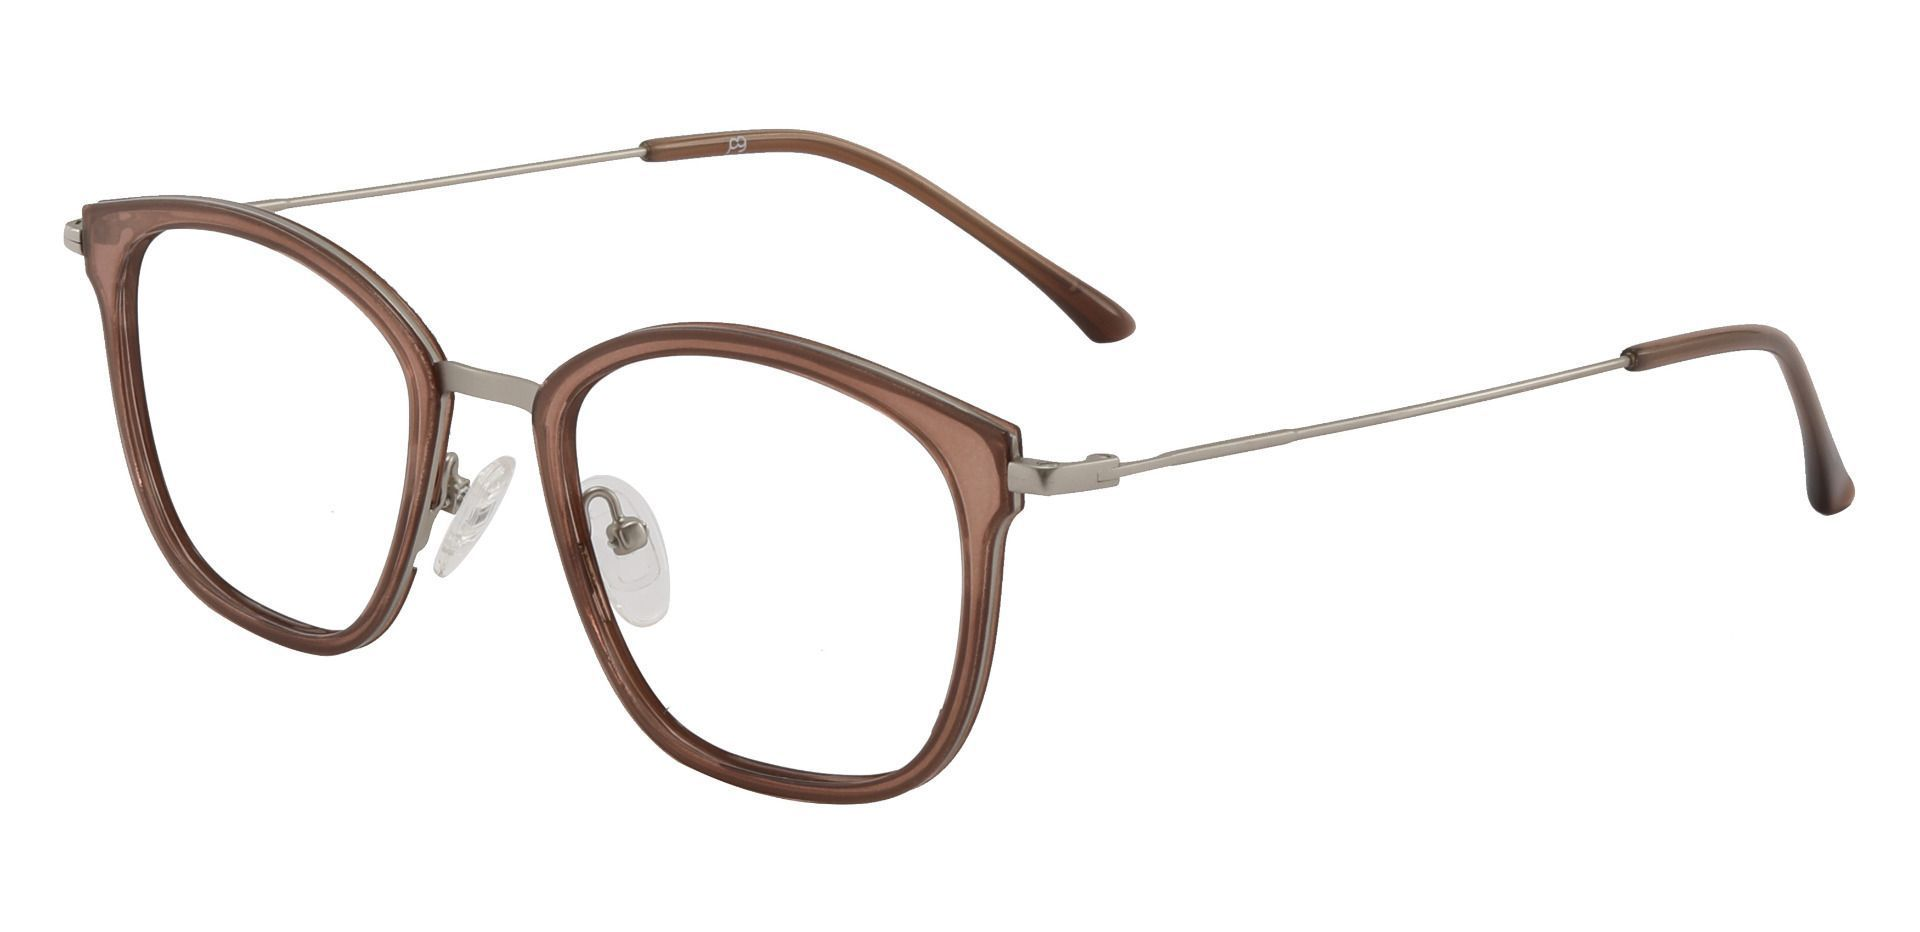 Brooklyn Square Prescription Glasses - Brown